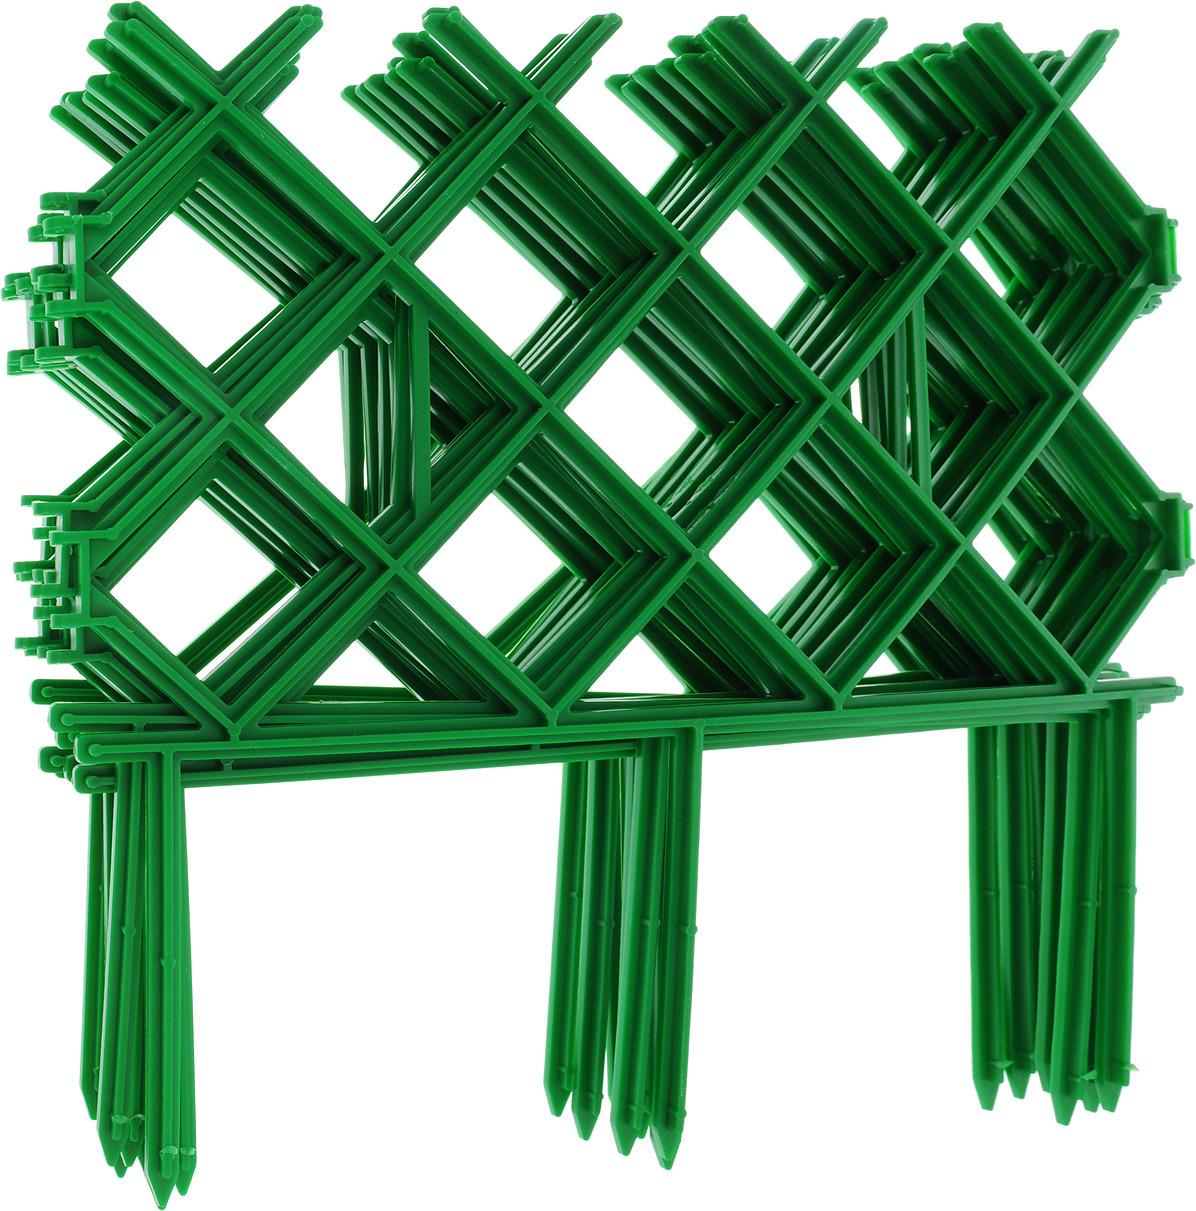 Забор декоративный Комплект-Агро Палисад, цвет зеленый 19 см х 3 м табурет садовый комплект агро 35 х 22 х 26 см